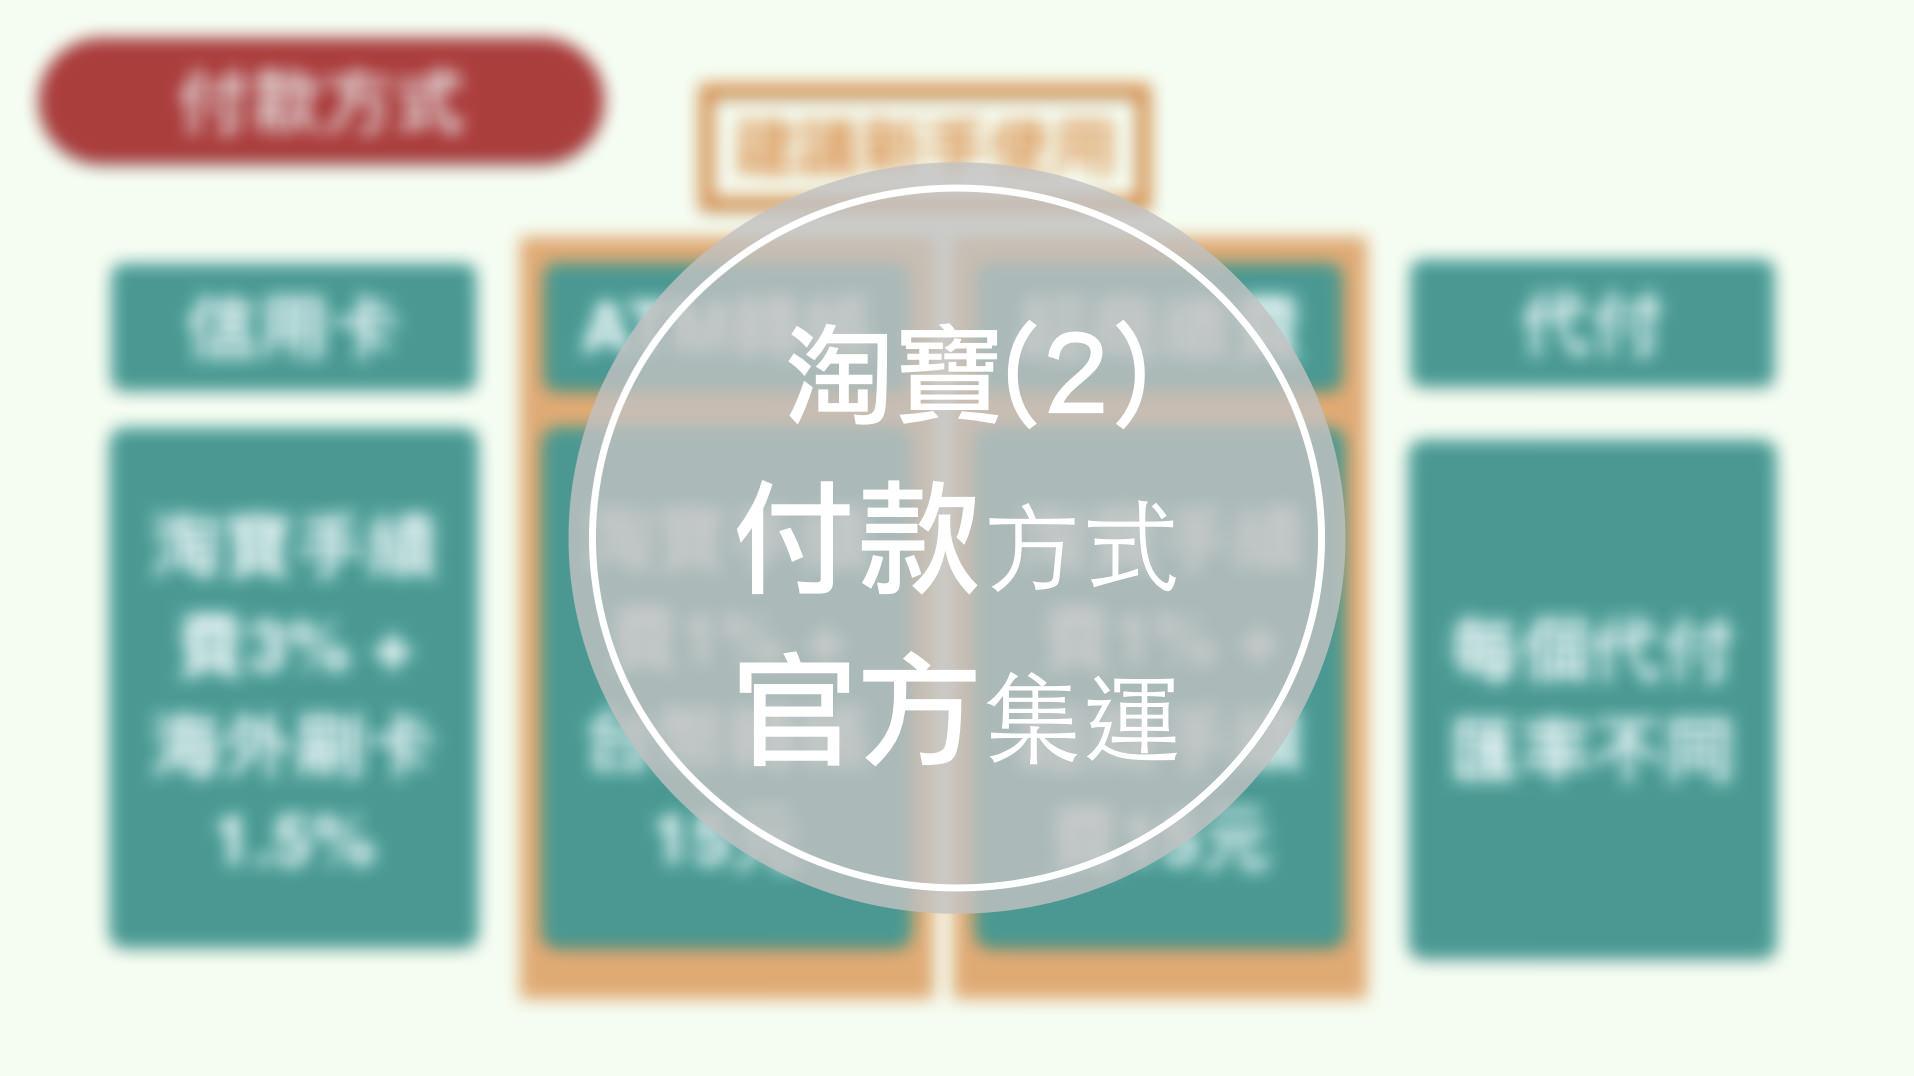 淘寶教學2 官方集運ATM付款